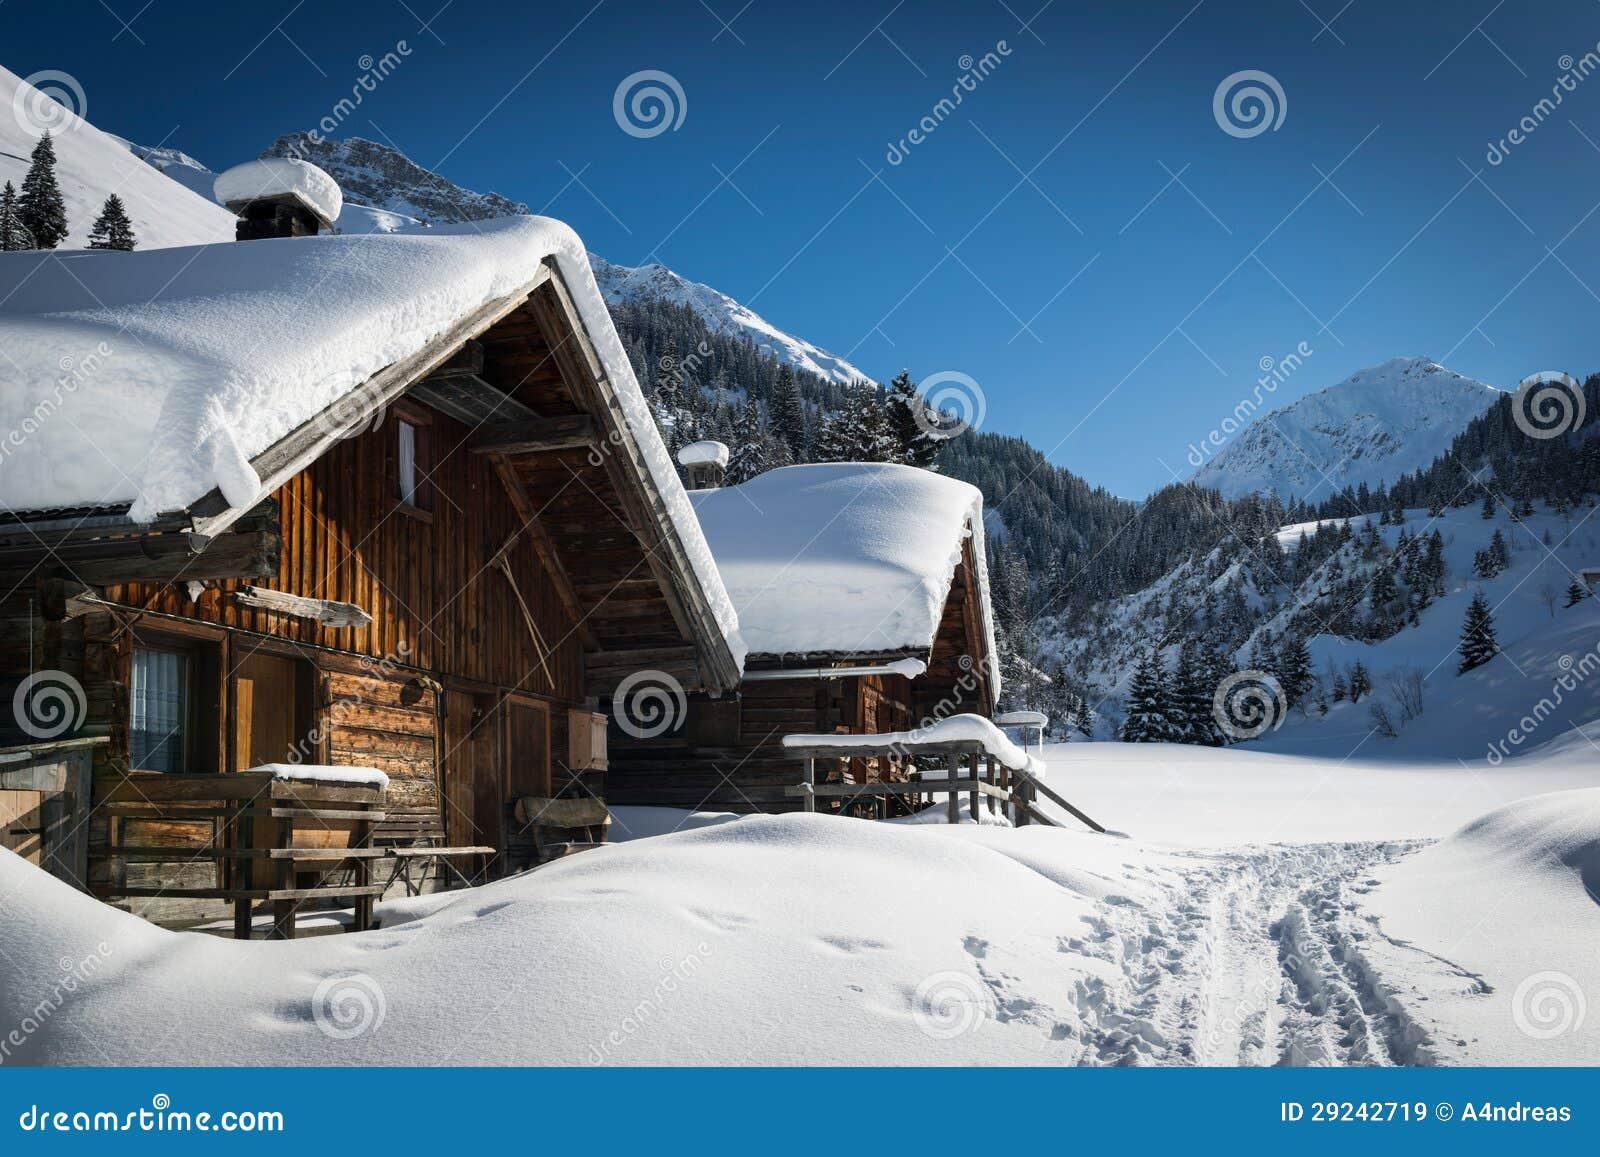 Blokhuizen in oostenrijkse lechtal bergen stock afbeelding for Cabine vicino montagna di sangue